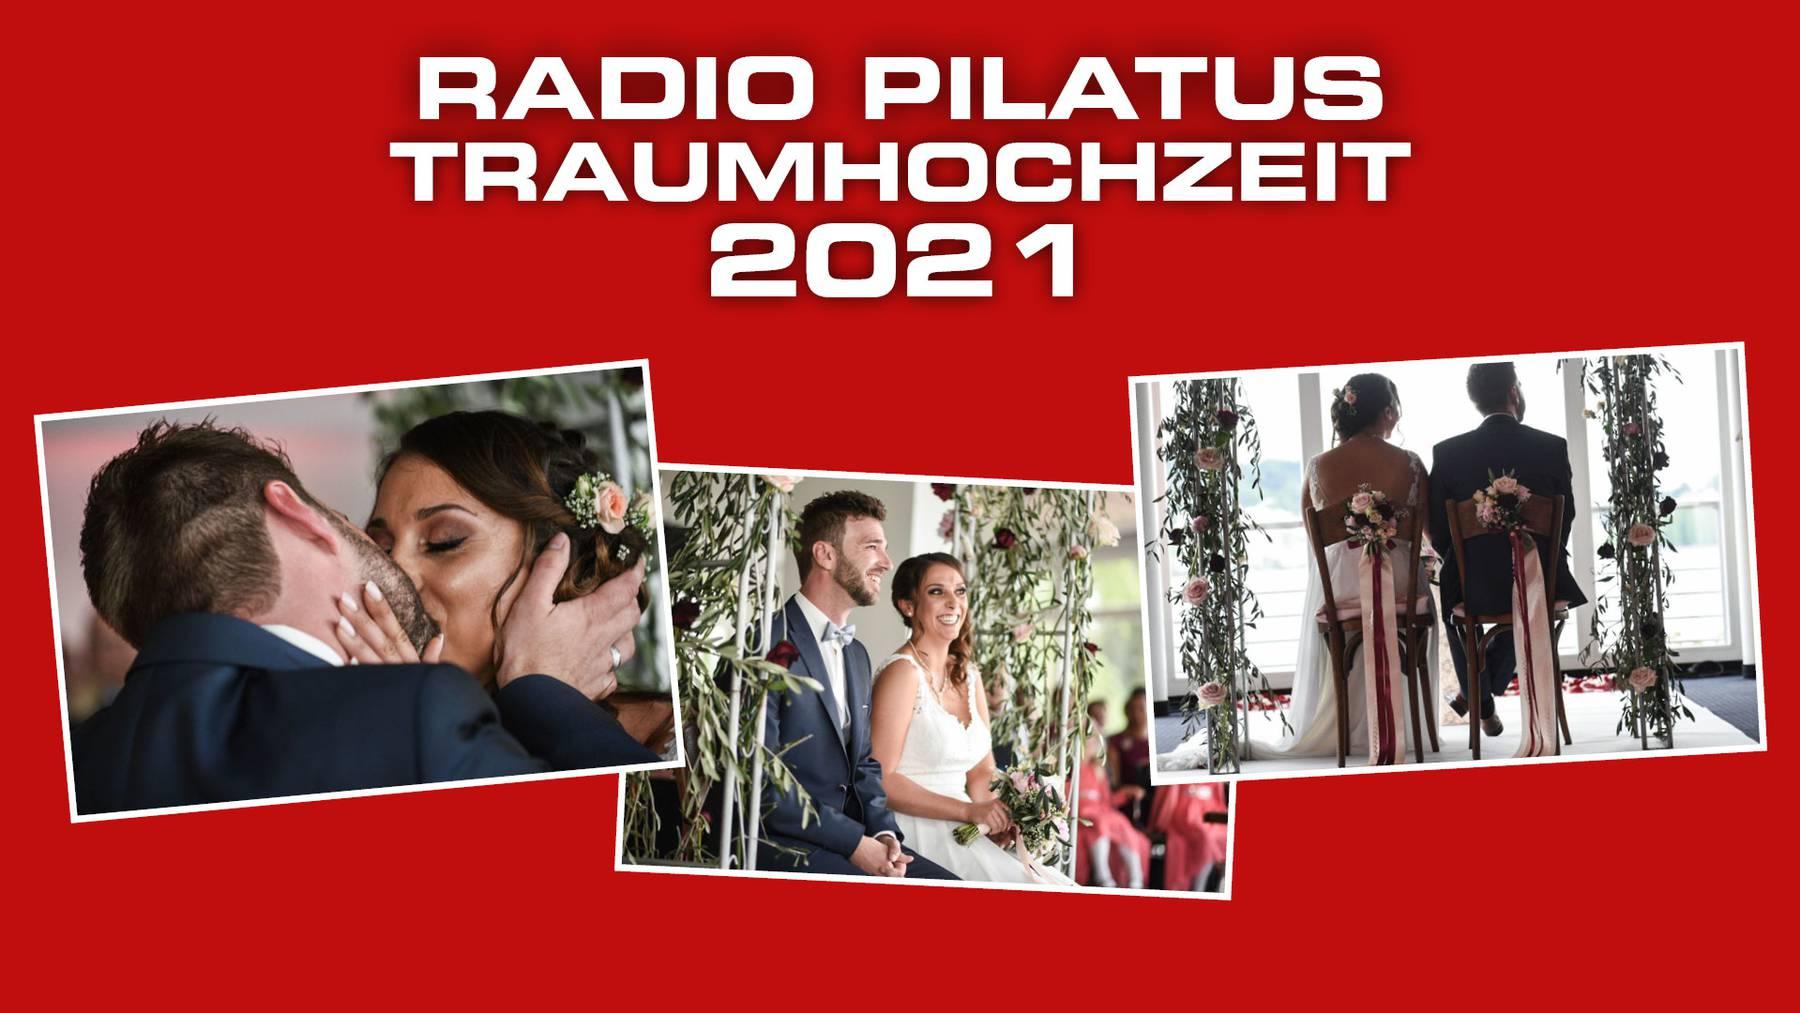 201215_Pilatus-Traumhochzeit_Webbild_16zu9_D